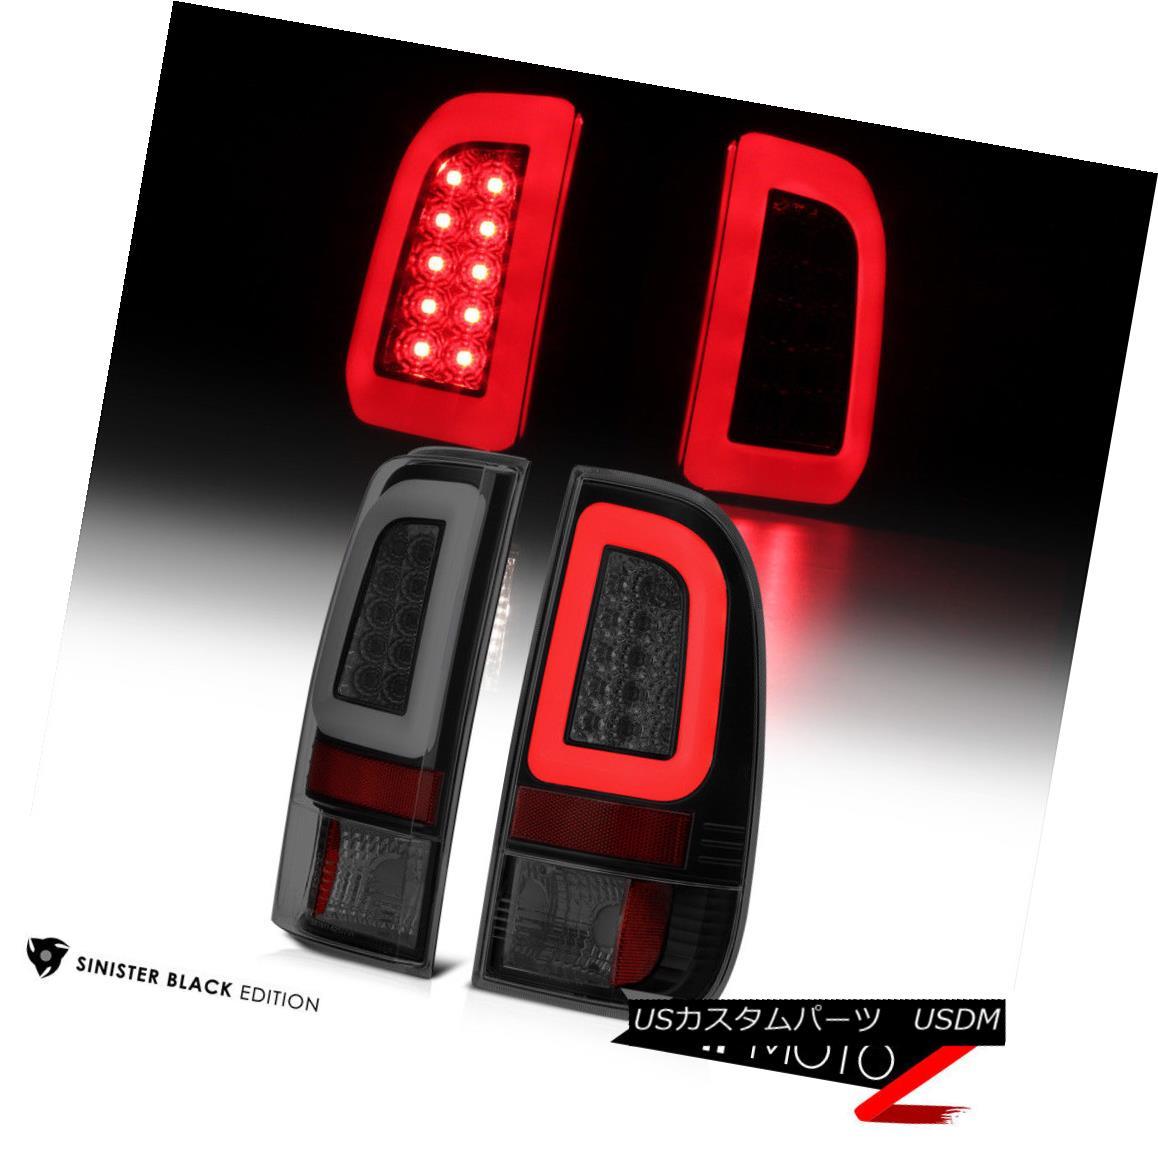 テールライト 97-03 Ford F150 Black Housing Smoked Lens LED Bar Brake Signal Lamp Tail Light 97-03 Ford F150ブラックハウジングスモークレンズLEDバーブレーキ信号ランプテールライト